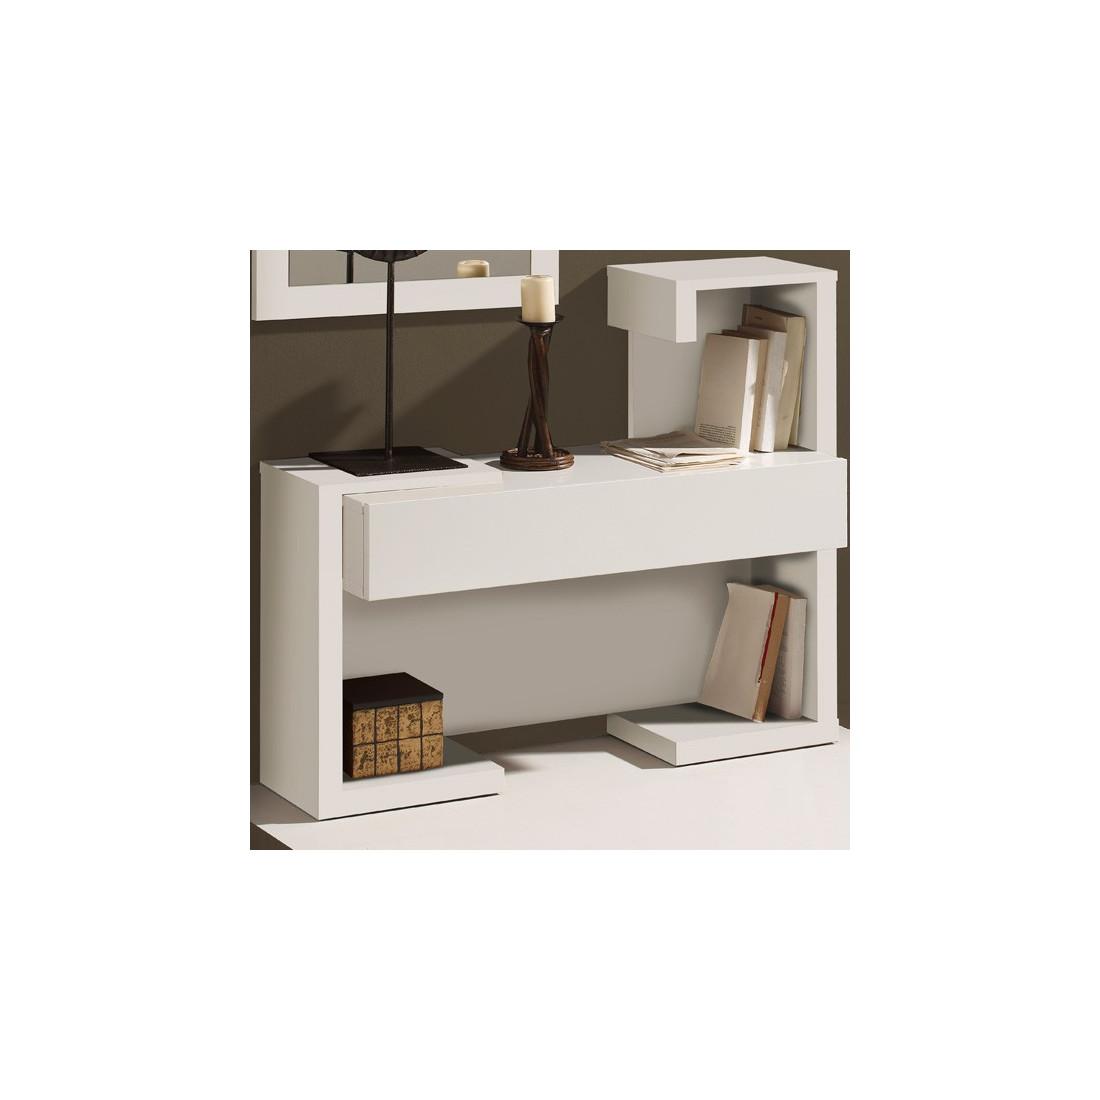 Meuble d 39 entr e laque blanche paris univers petits meubles for Grand miroir mural blanc laque